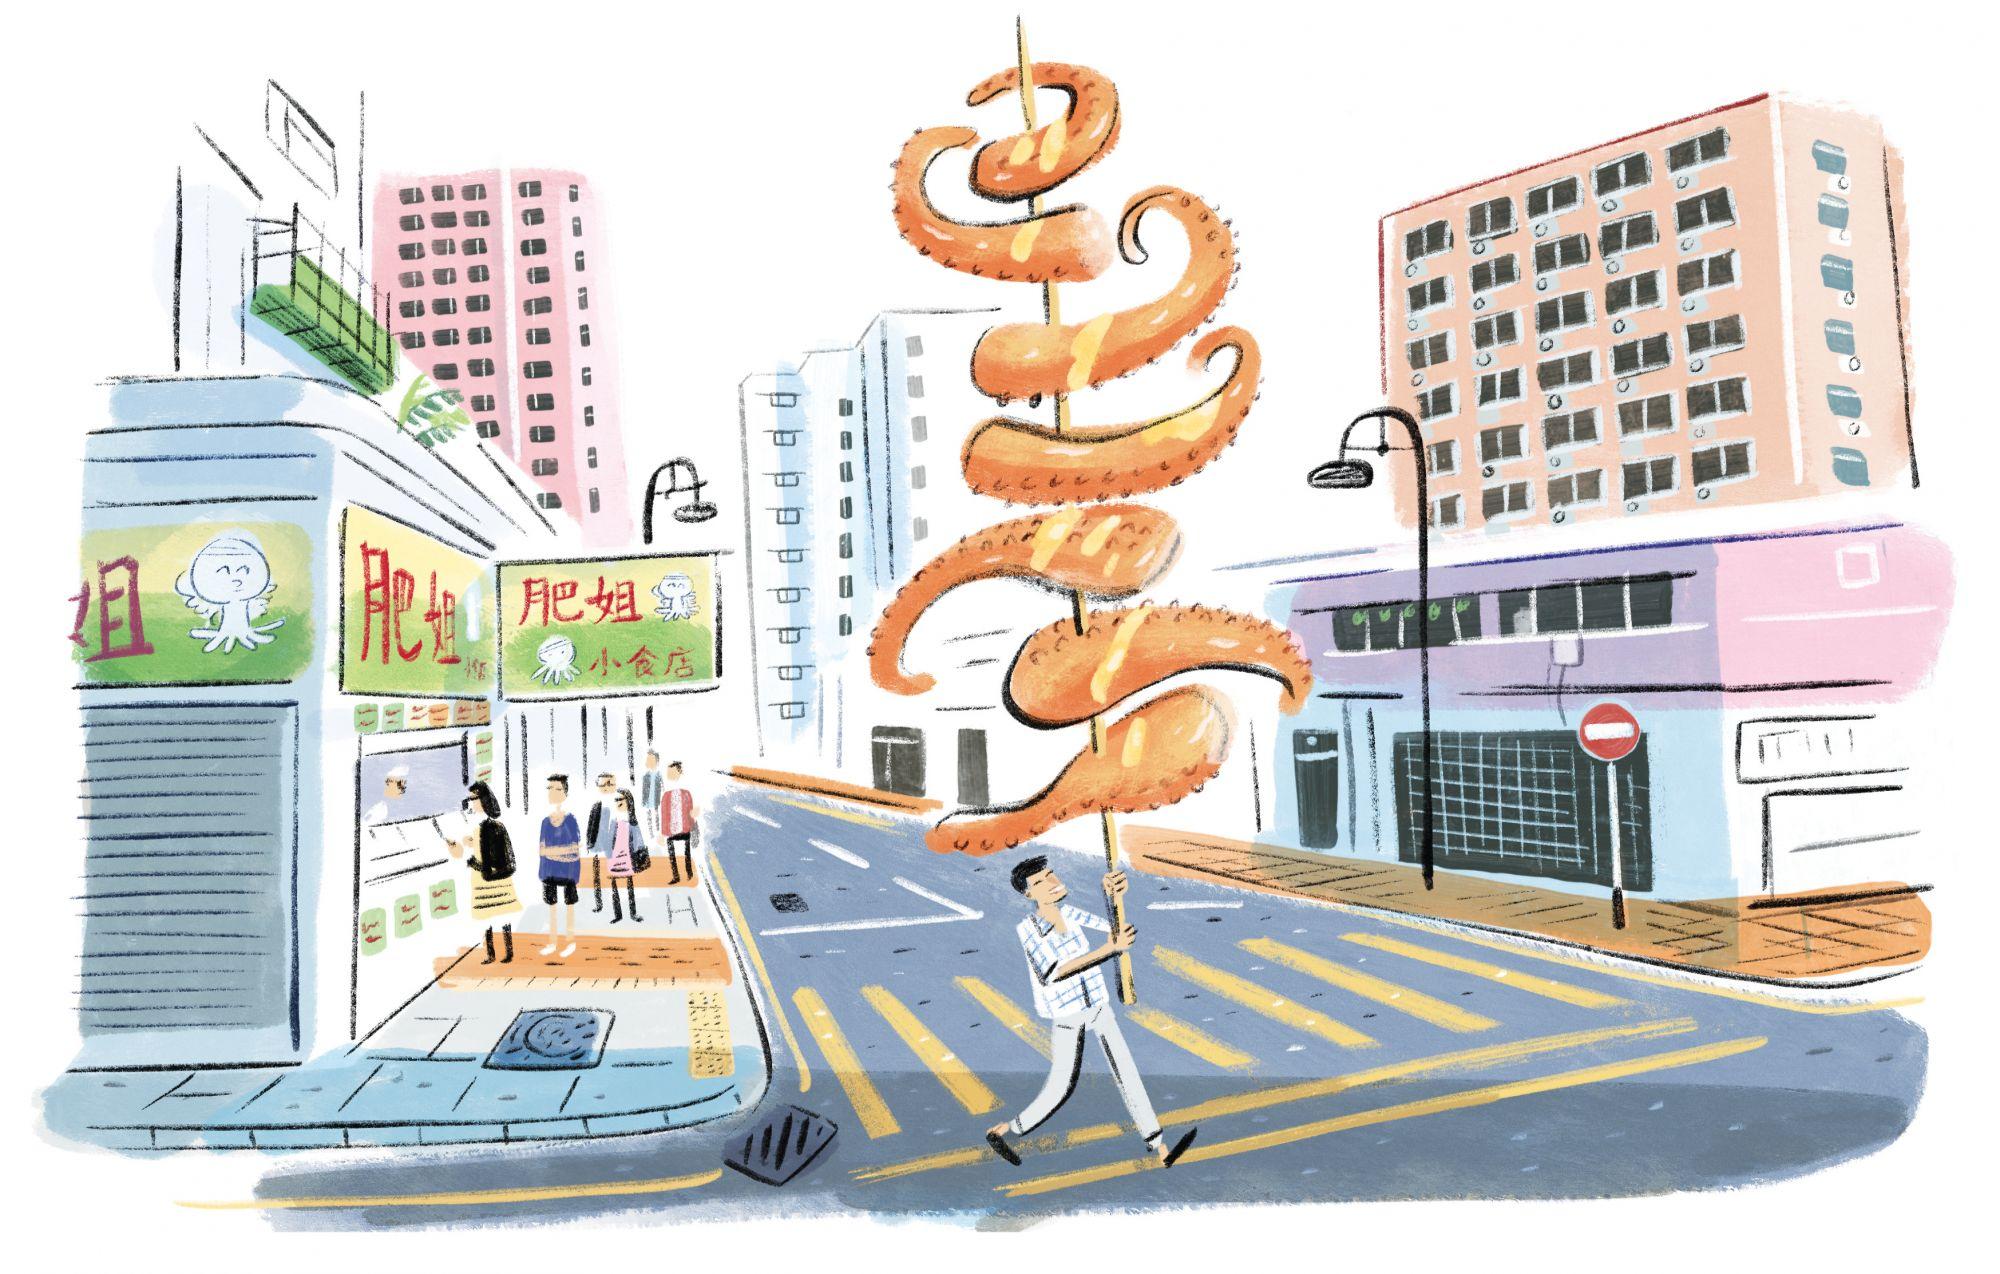 Kosei Kamatani On Why Mong Kok Street Food Would Be His Last Meal